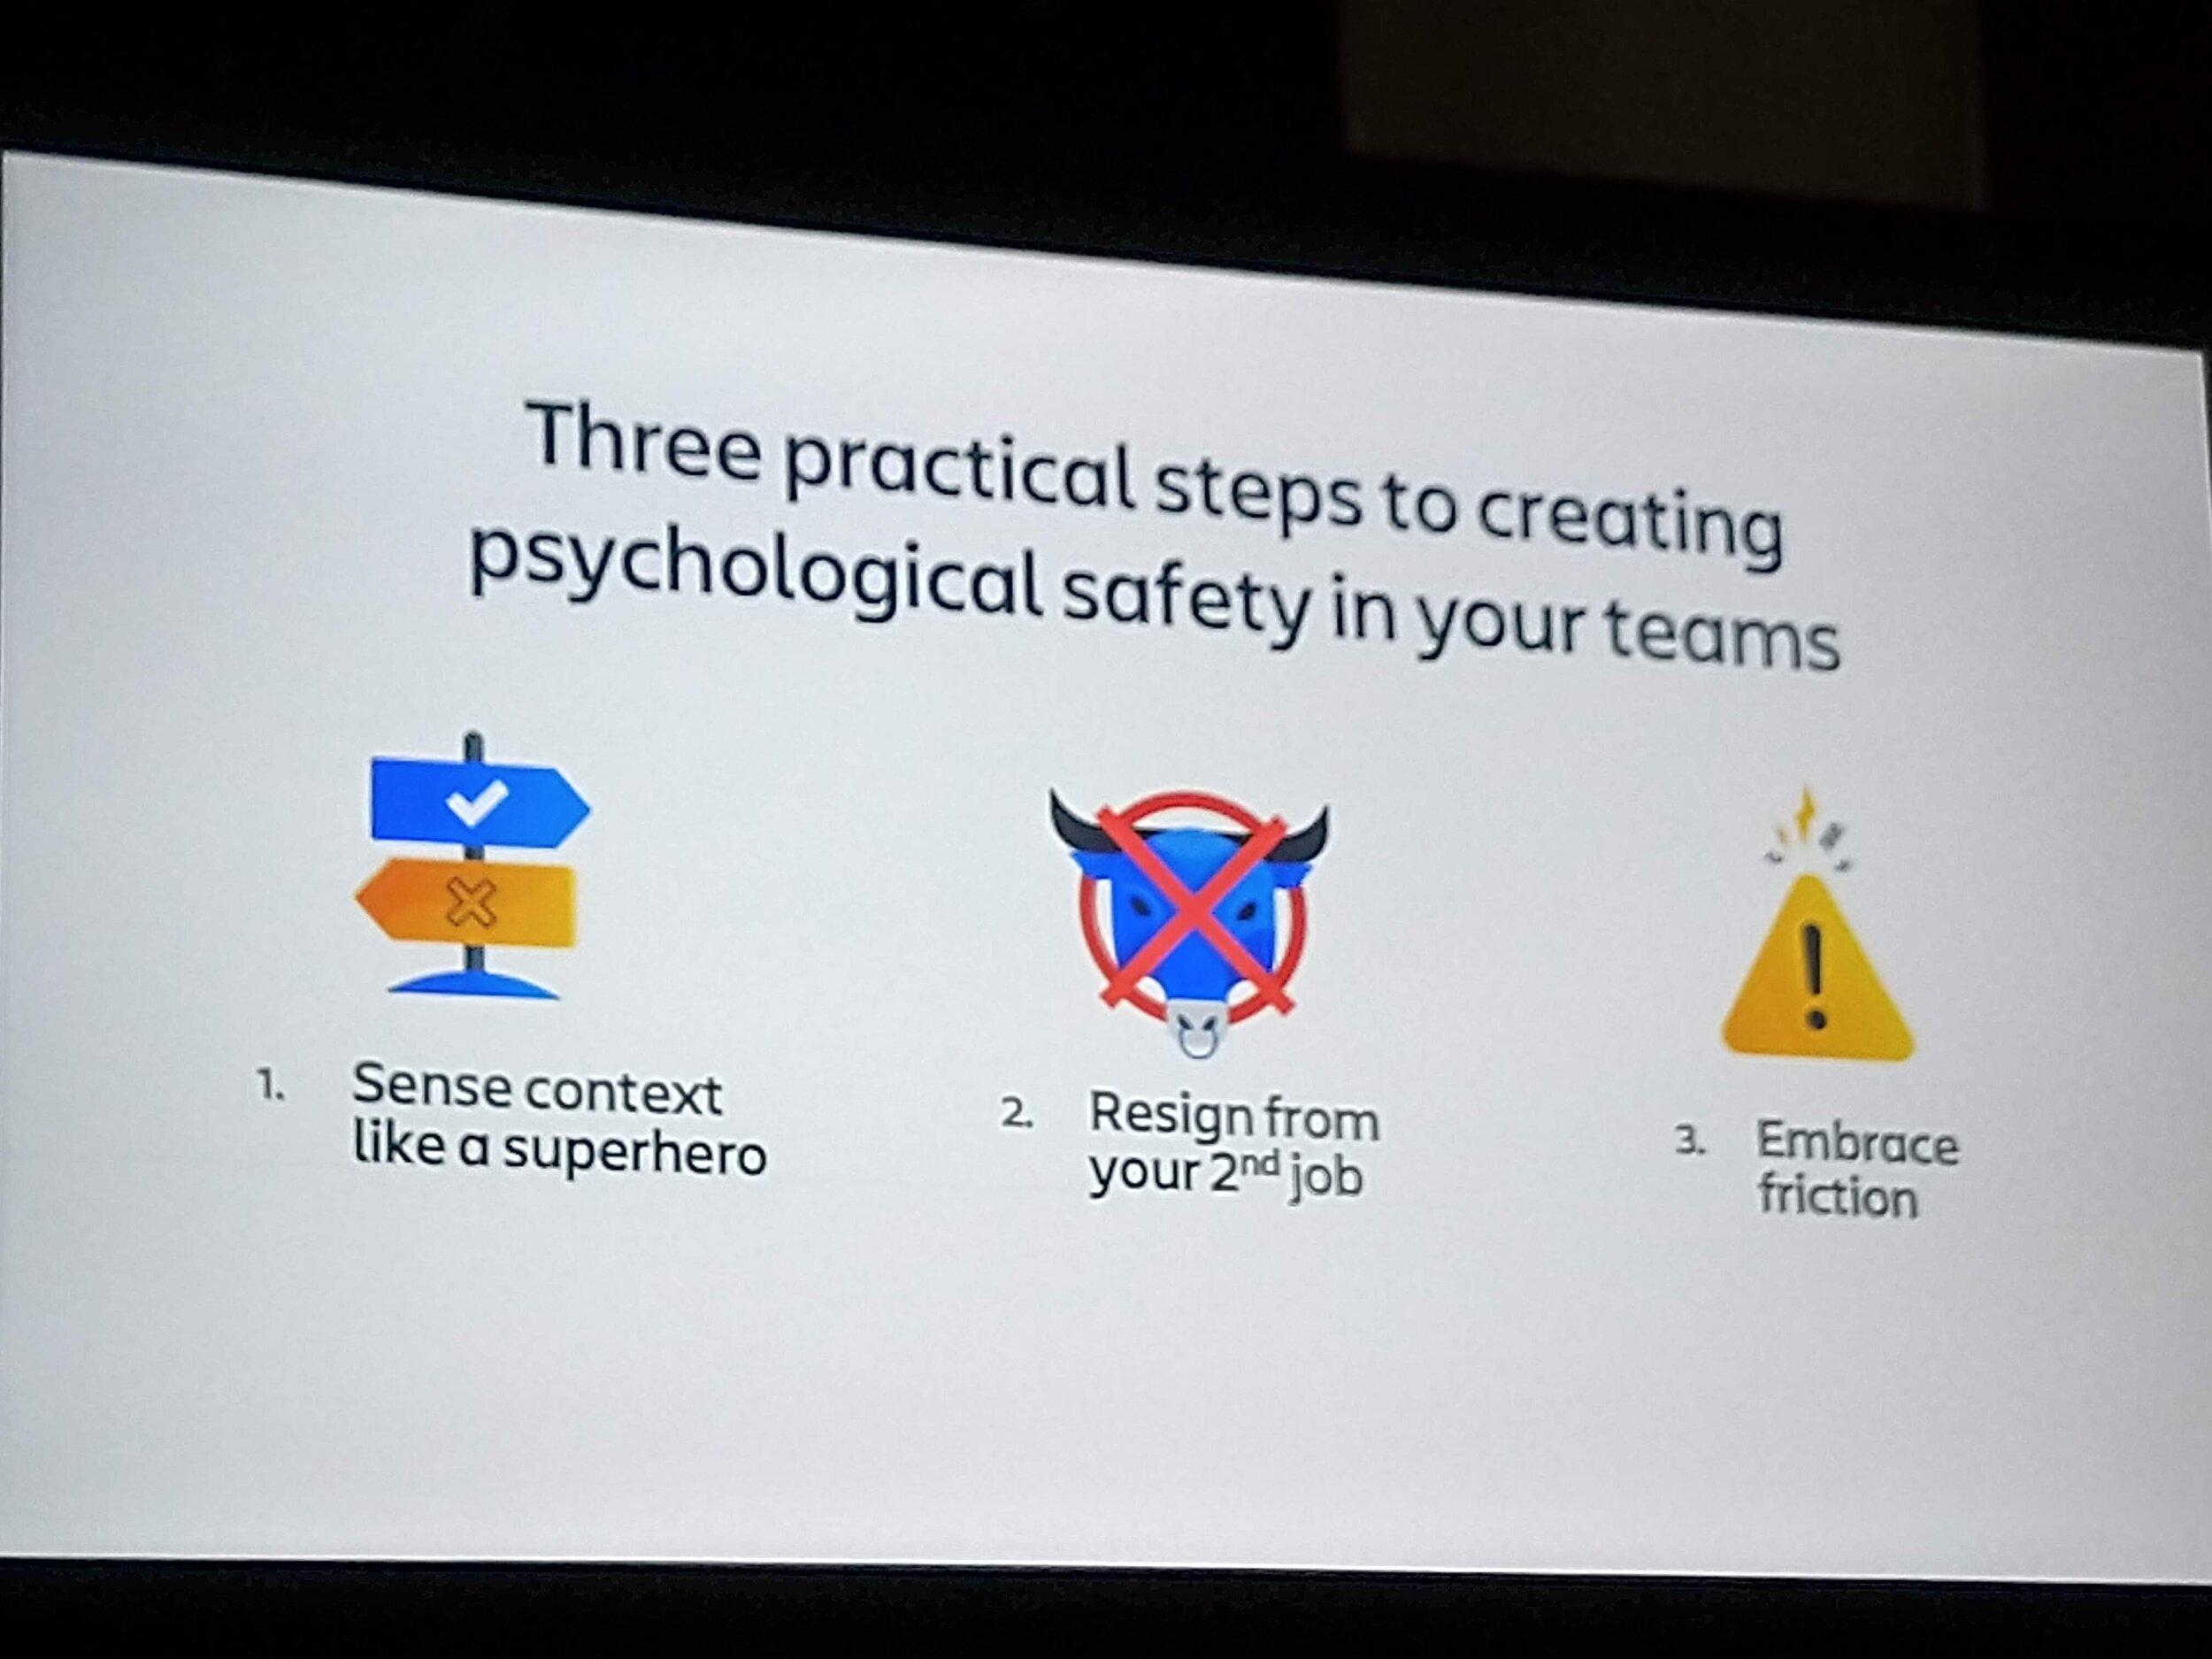 Psych_Safety_Summary_Slide-keeganluiters.jpg